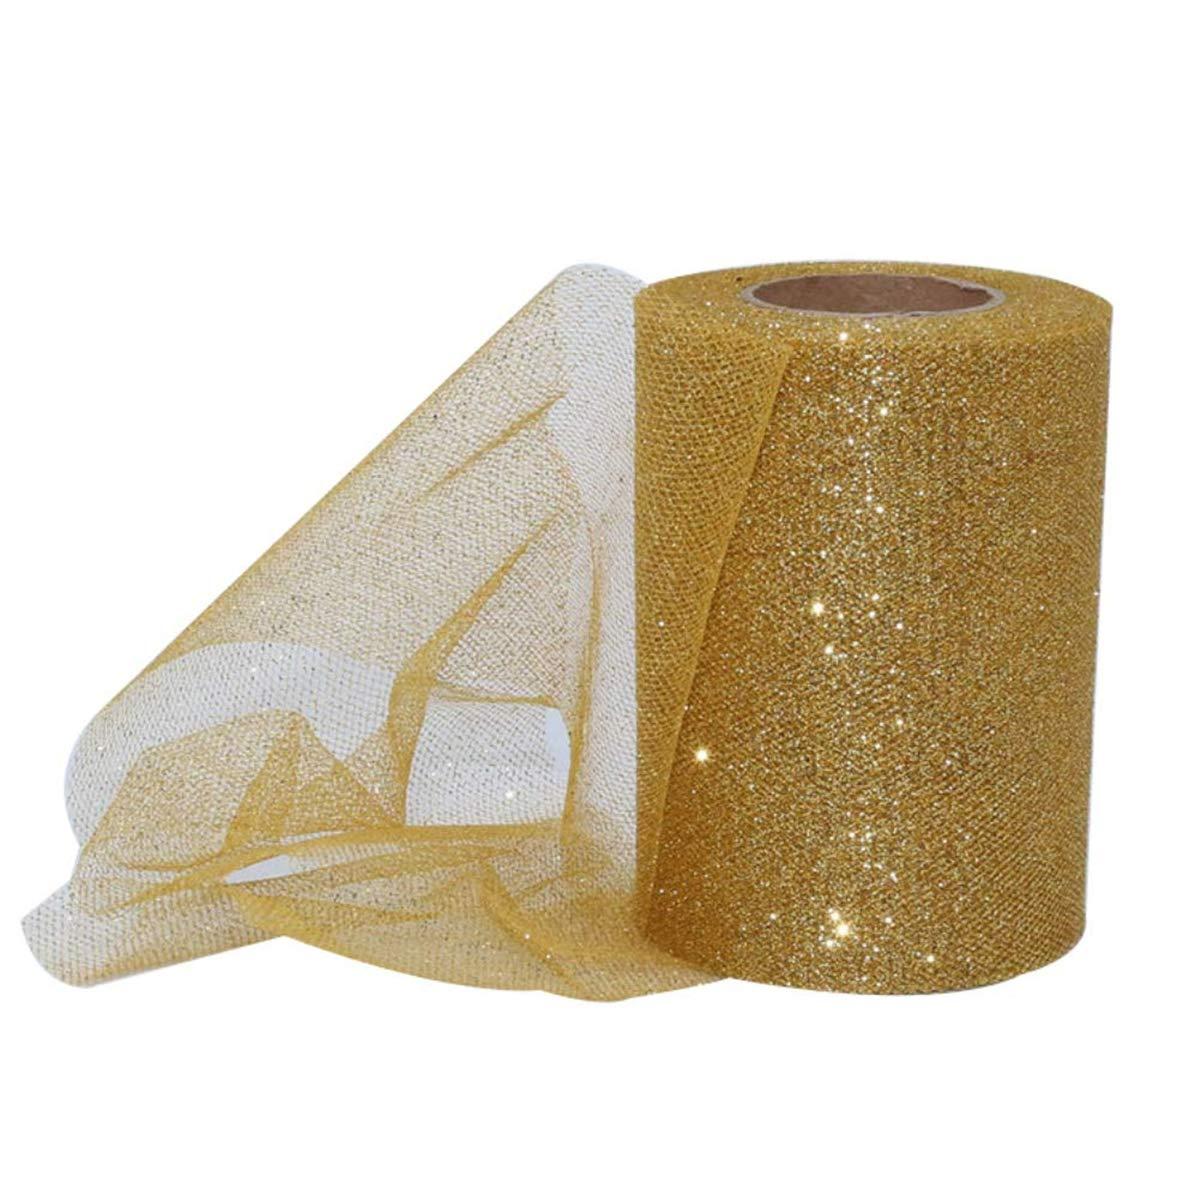 Shangwelluk scintillante net tessuto tulle rotolo di nastro glitter foto sfondo panno decorazioni per matrimoni Red